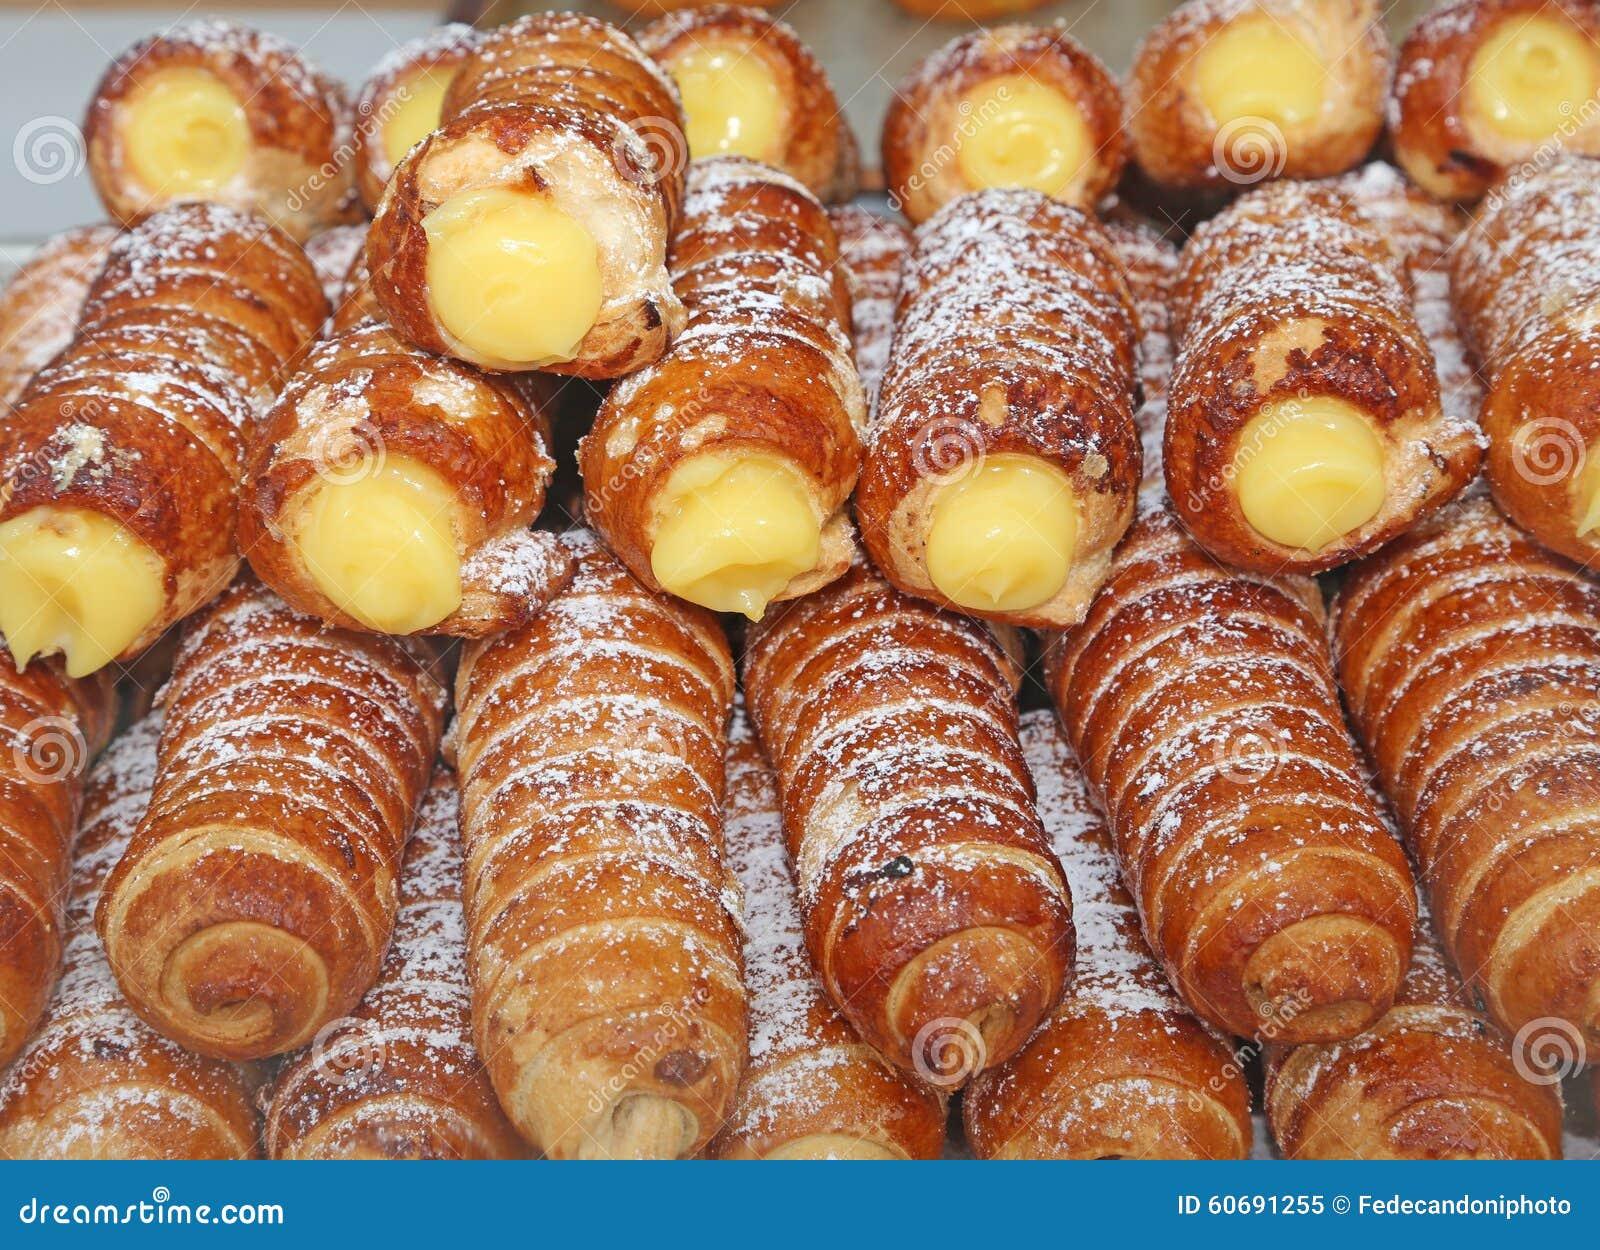 Cuisine Anglaise Typique Ju0027ai Toujours Dans Mes Placards Un Pot De Golden Syrup Ce Sirop De